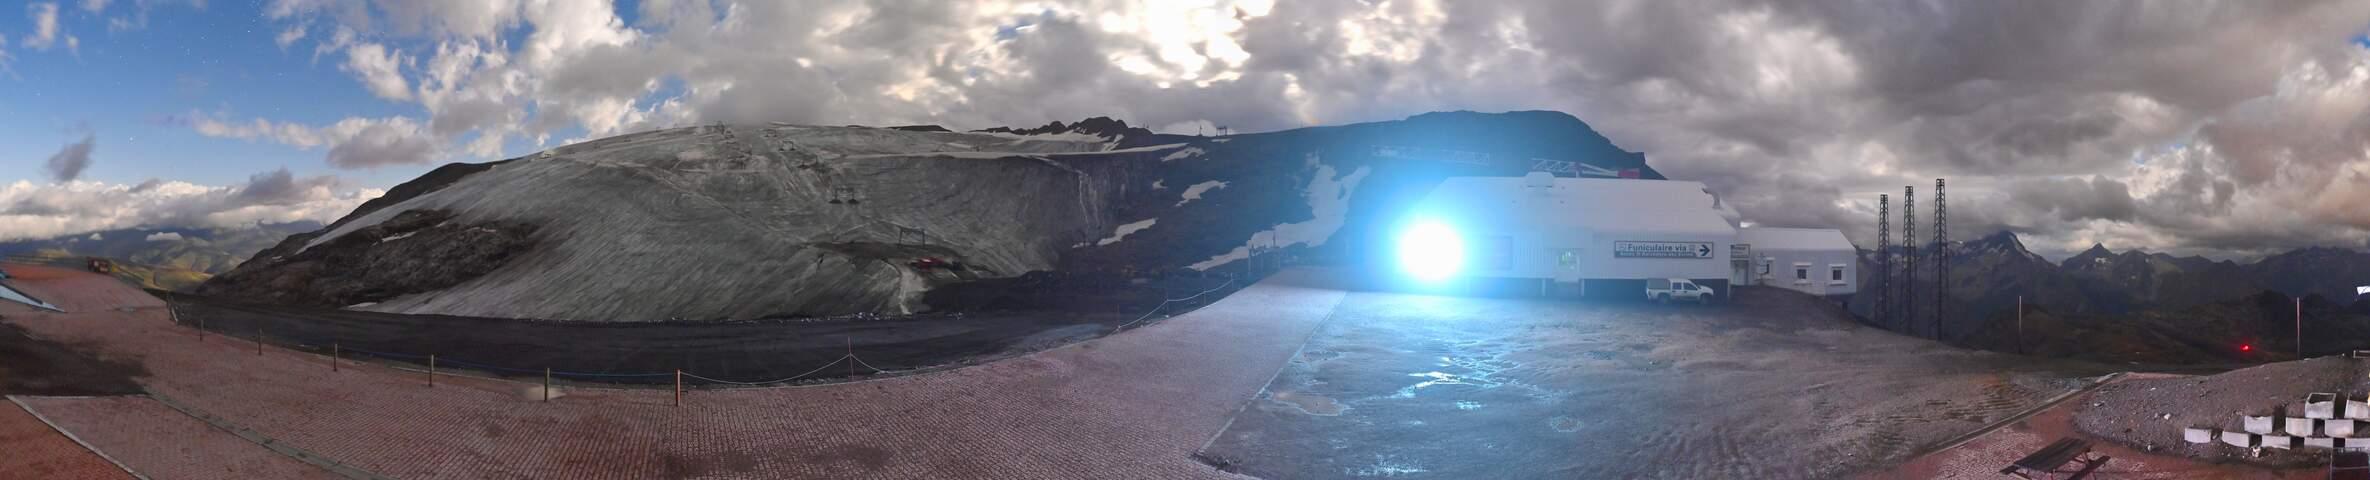 Le Glacier - Restaurant   3,200m